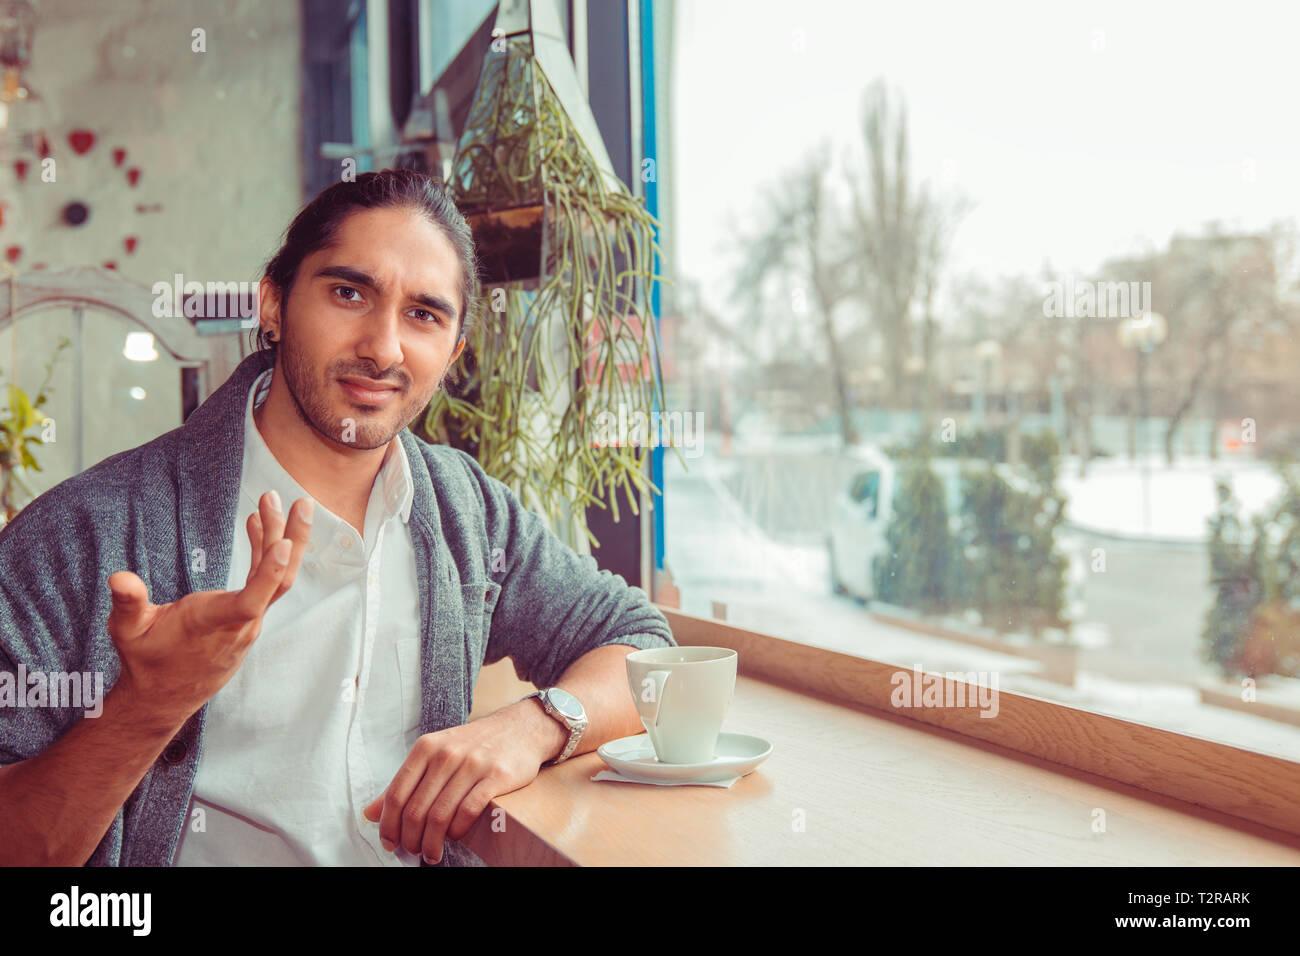 Frustrierter Mann deutete, Was wollen Sie von mir, also was, weiss ich nicht. Closeup Portrait von einem stattlichen Türkische indischen Kerl tragen weisse Shirt, grau Stockbild